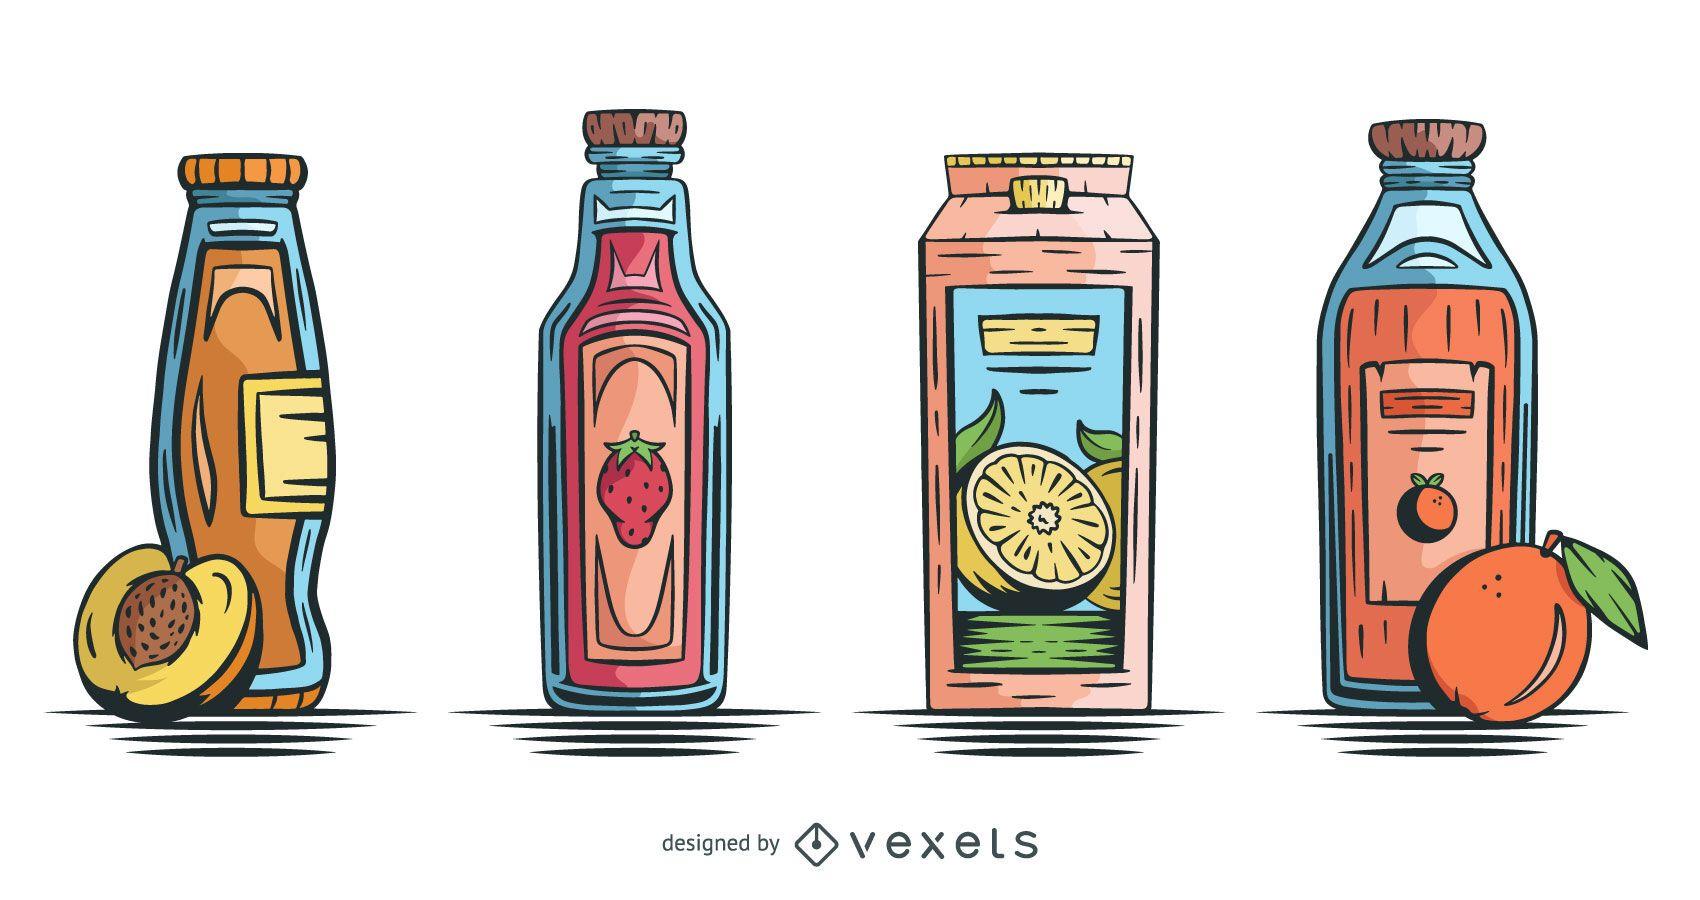 Paquete de diseño de jugo de fruta dibujado a mano